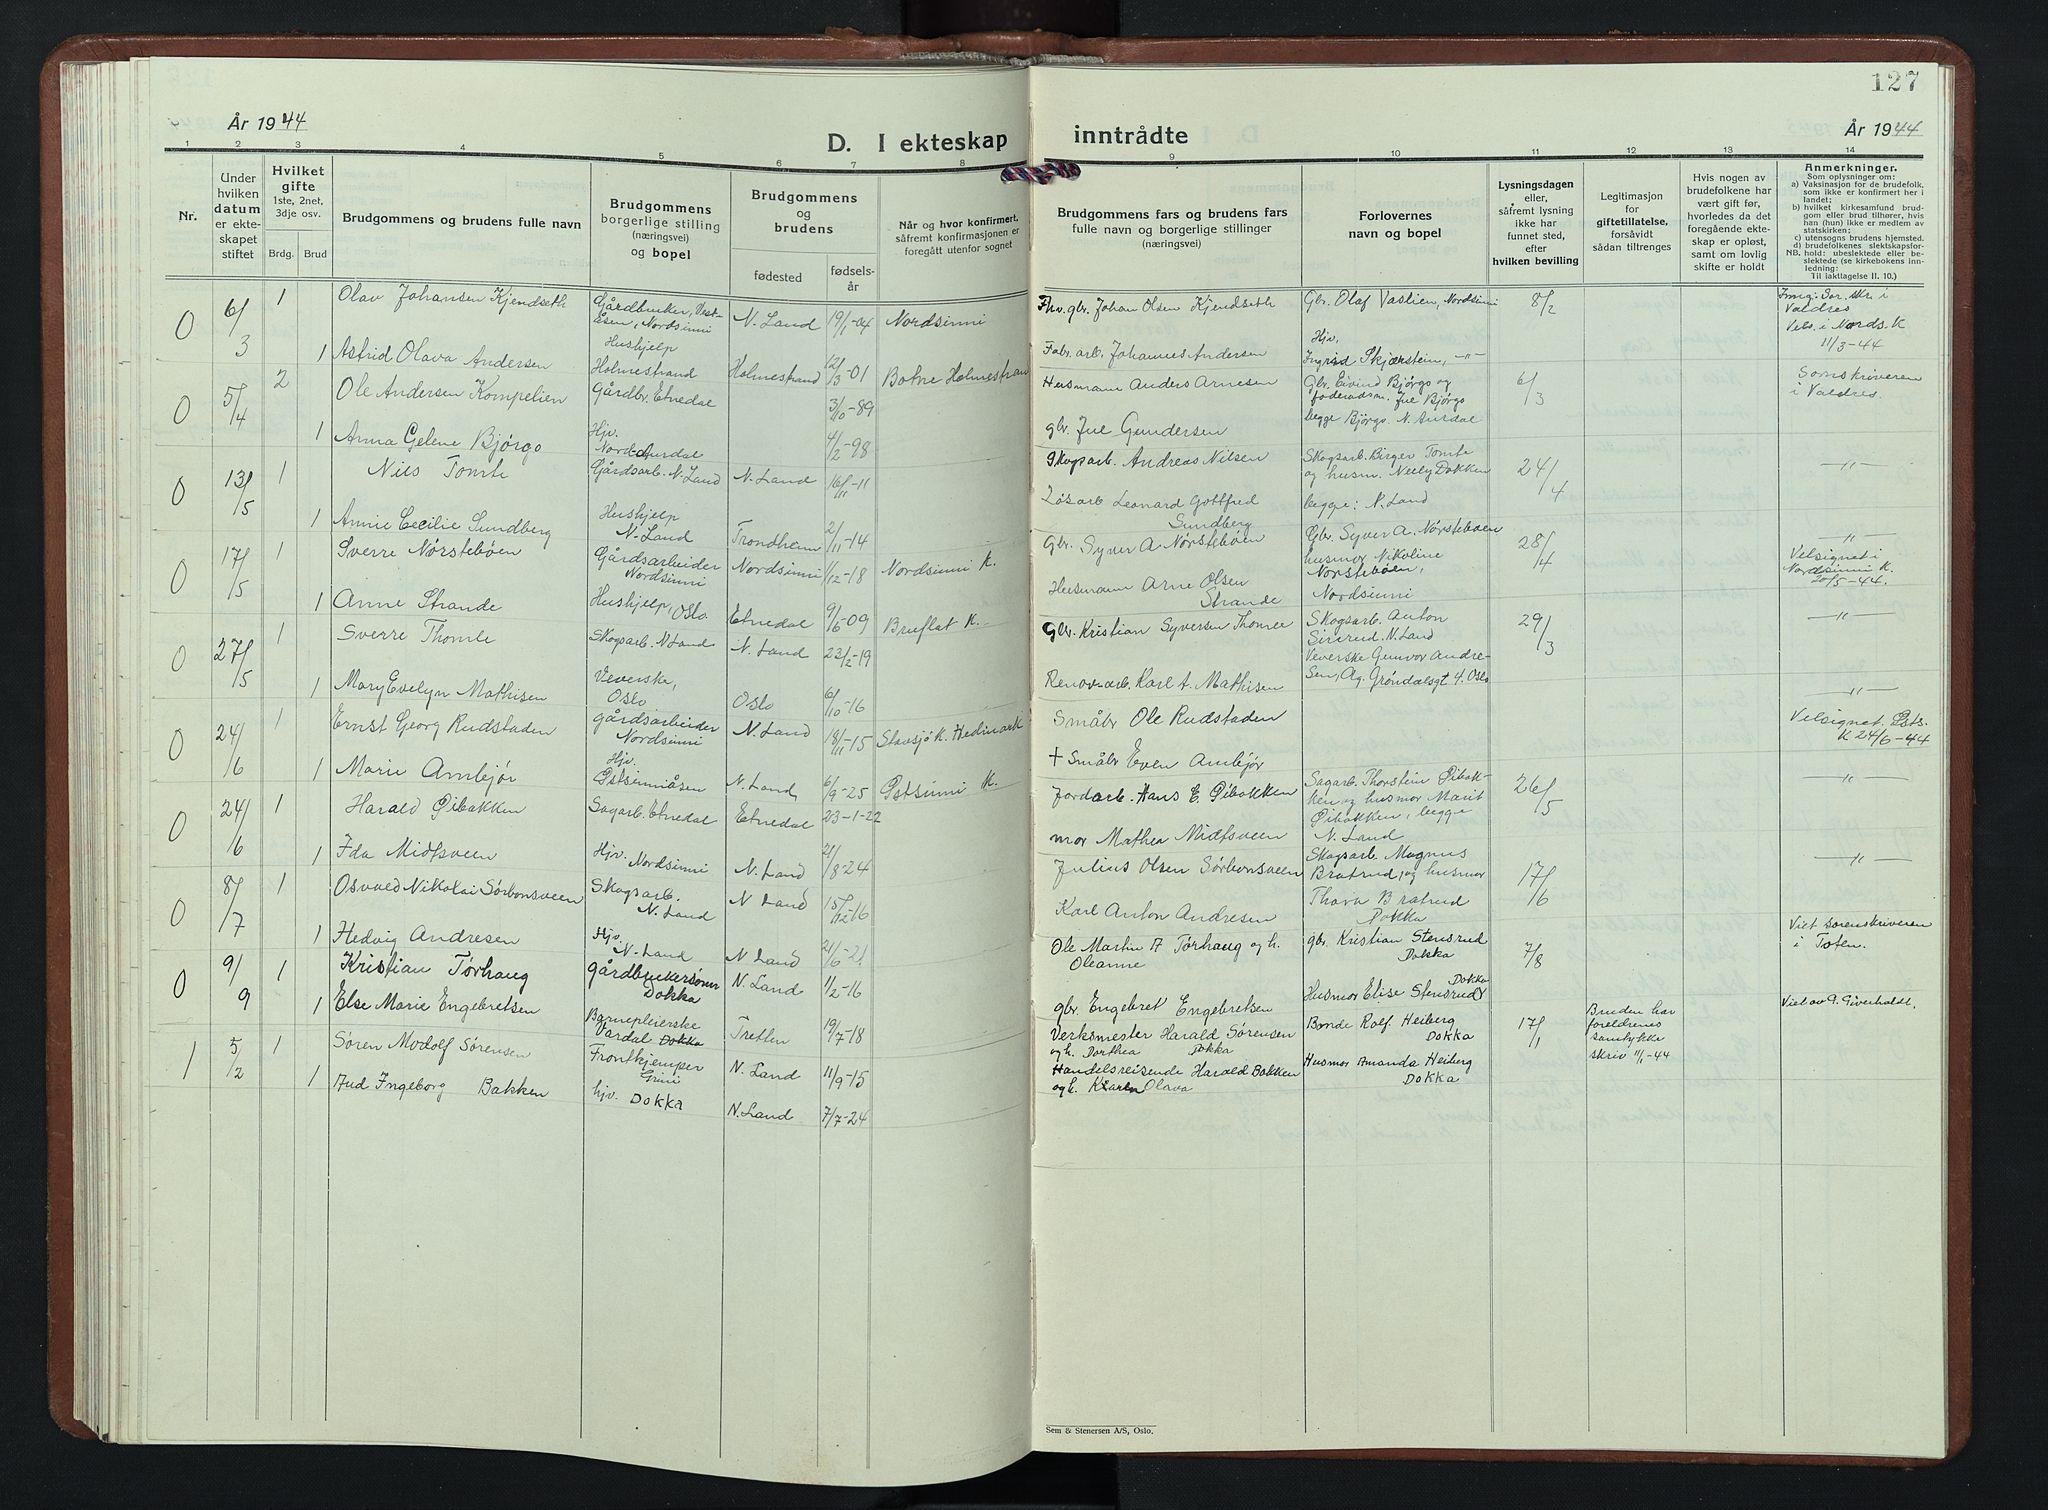 SAH, Nordre Land prestekontor, Klokkerbok nr. 7, 1930-1953, s. 127